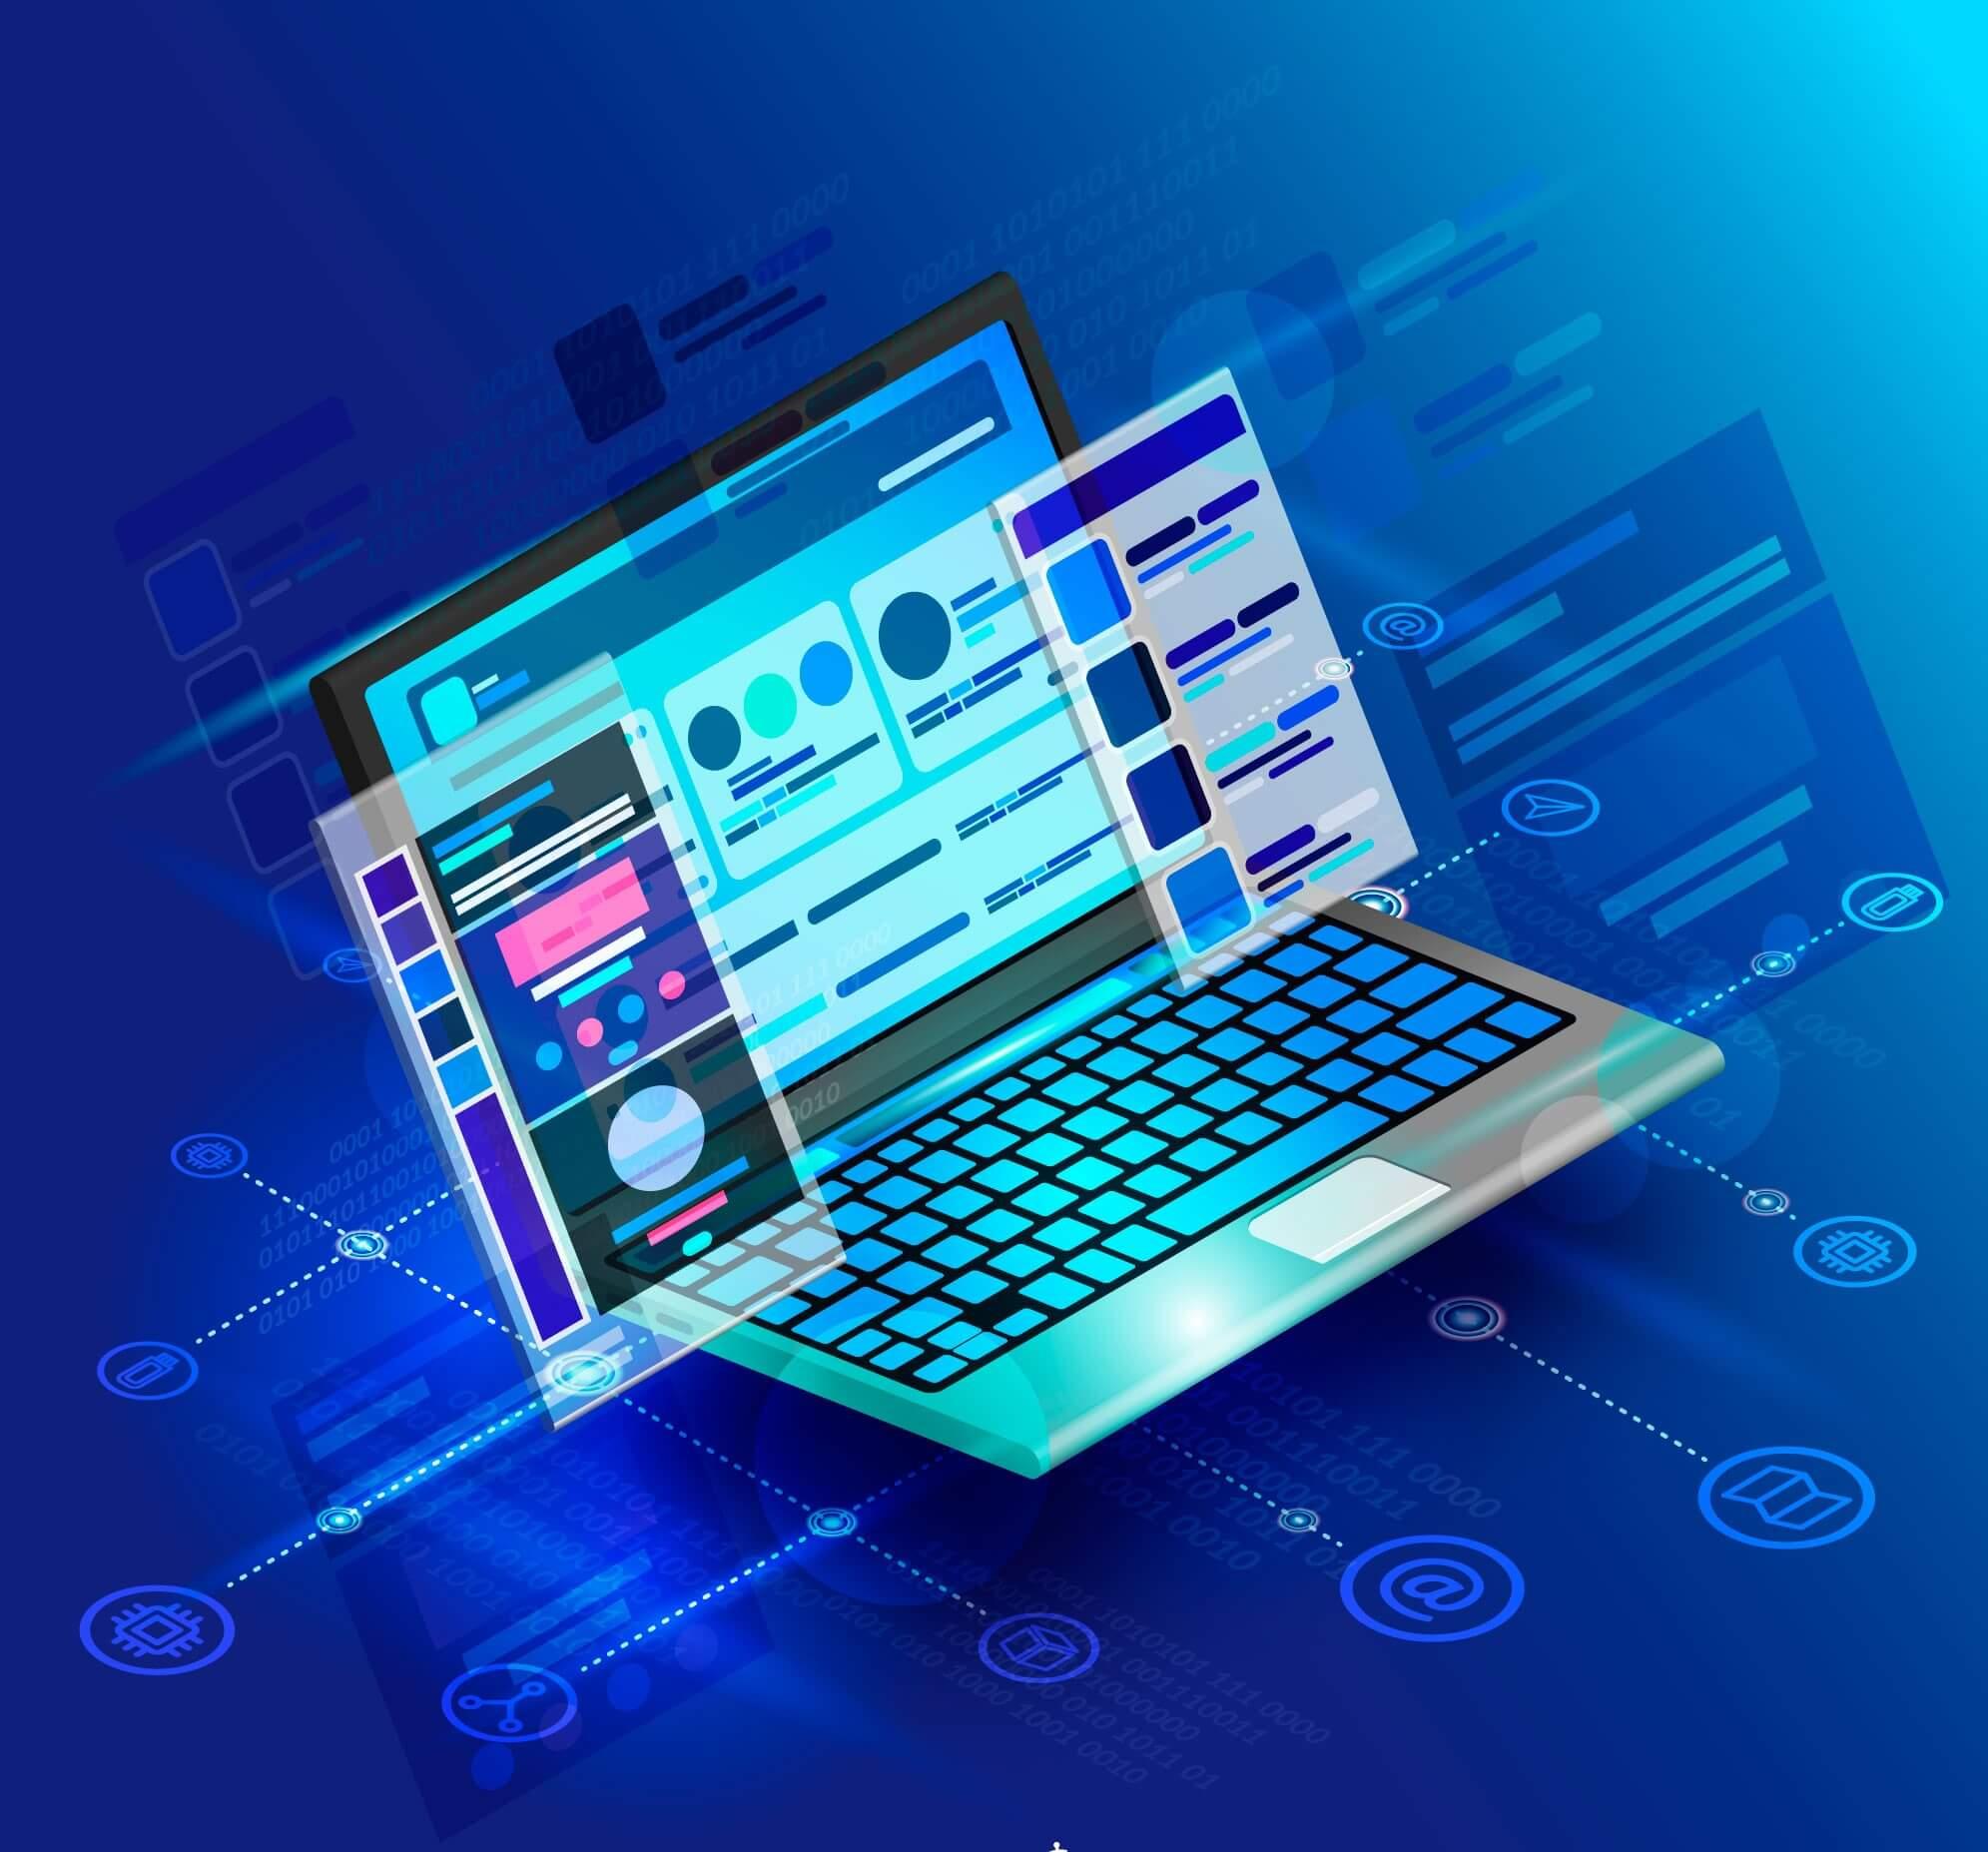 Automatisez devis et facturation avec un logiciel adapté !